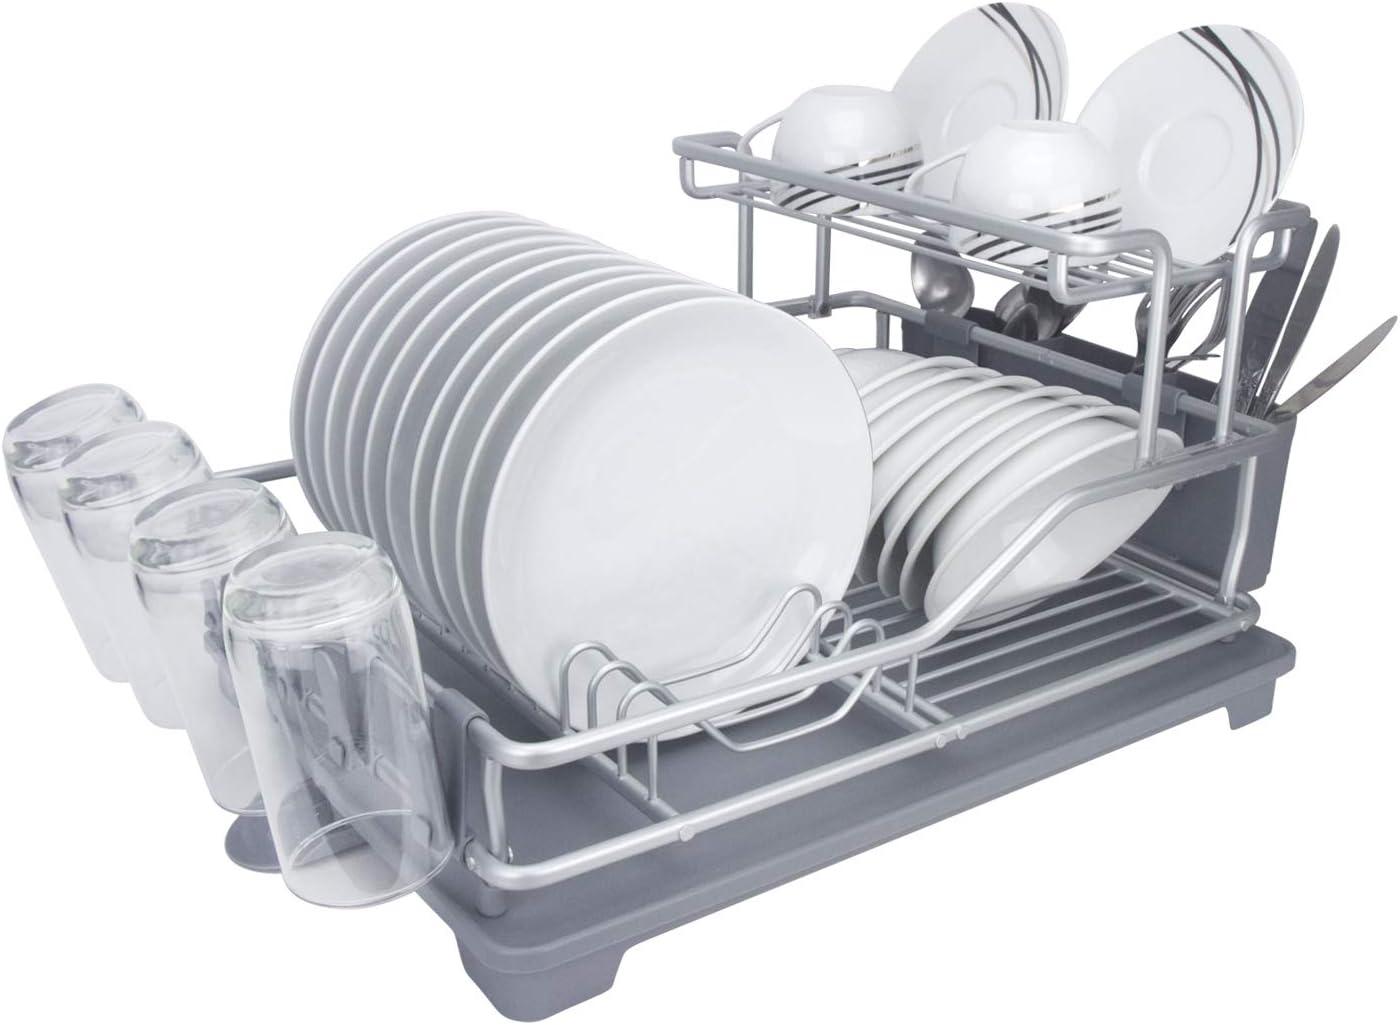 Evelyne GMT-10332 Aluminum Superlatite Dish Drying Rack 4 years warranty Utensil With Holder